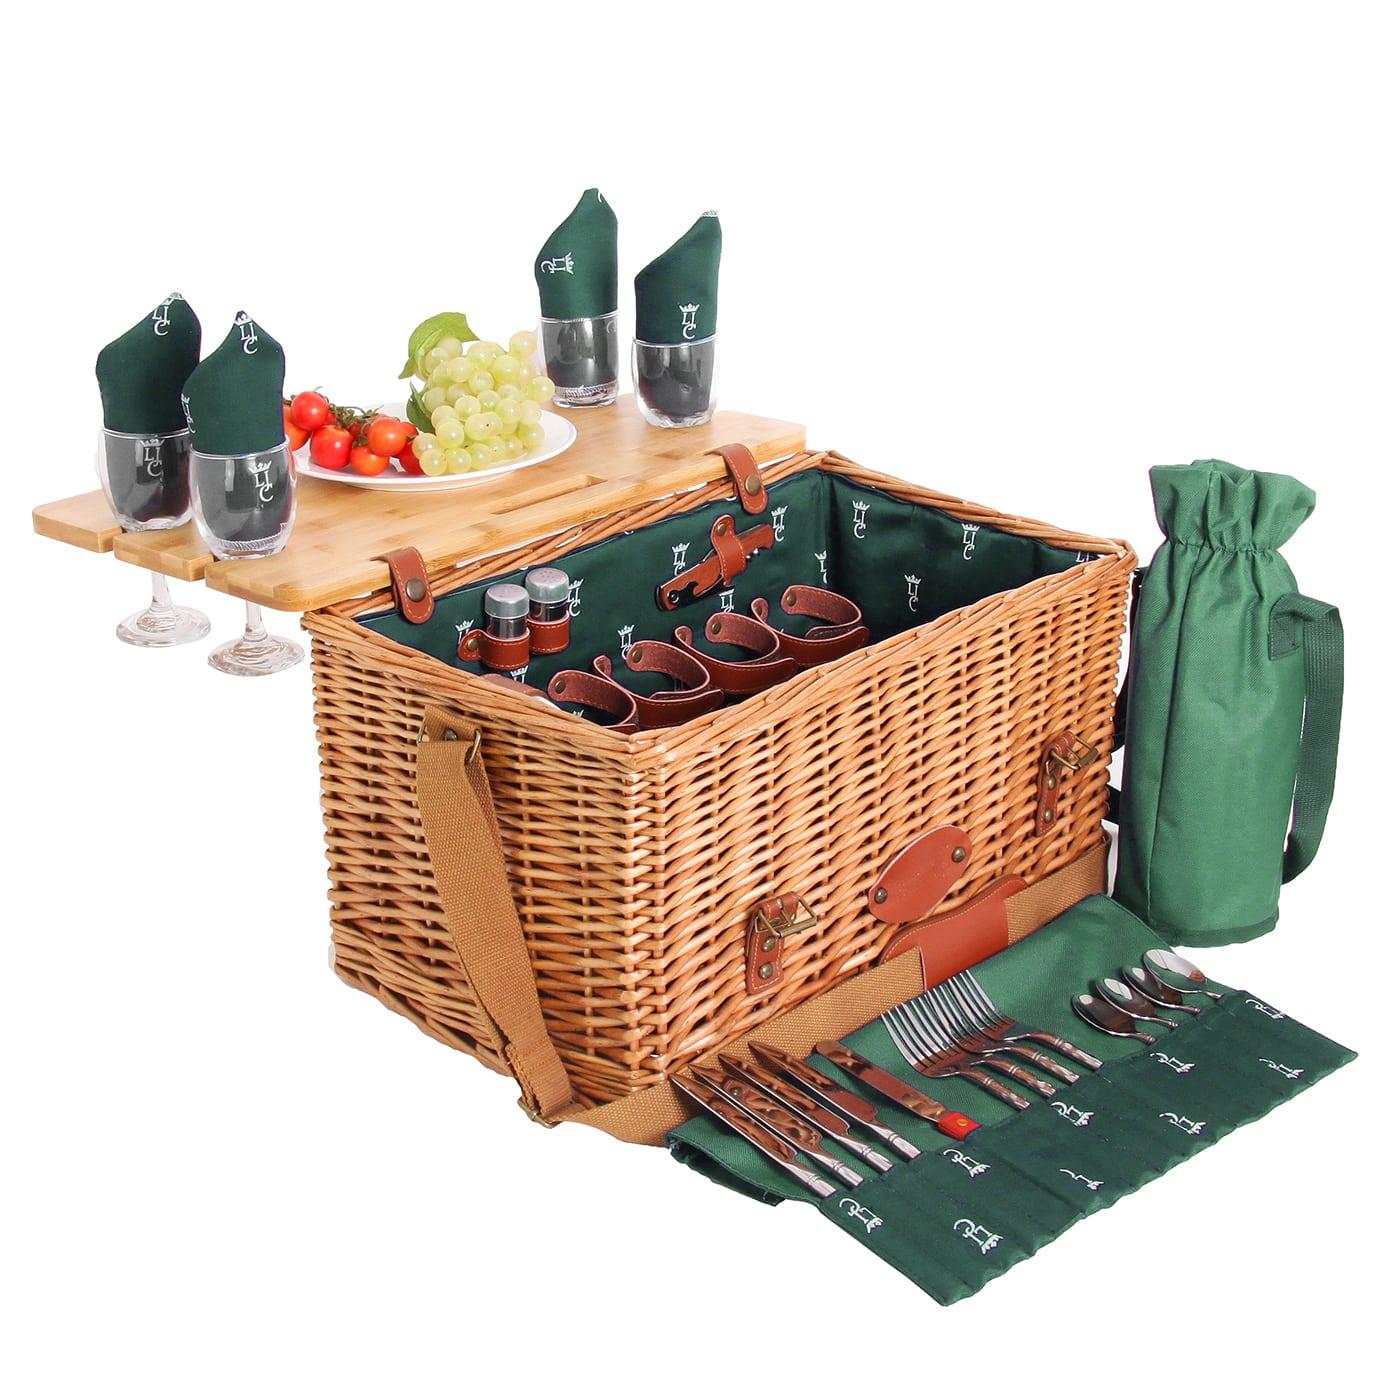 Panier picnic Saint-honoré 4 personnes vert foncé